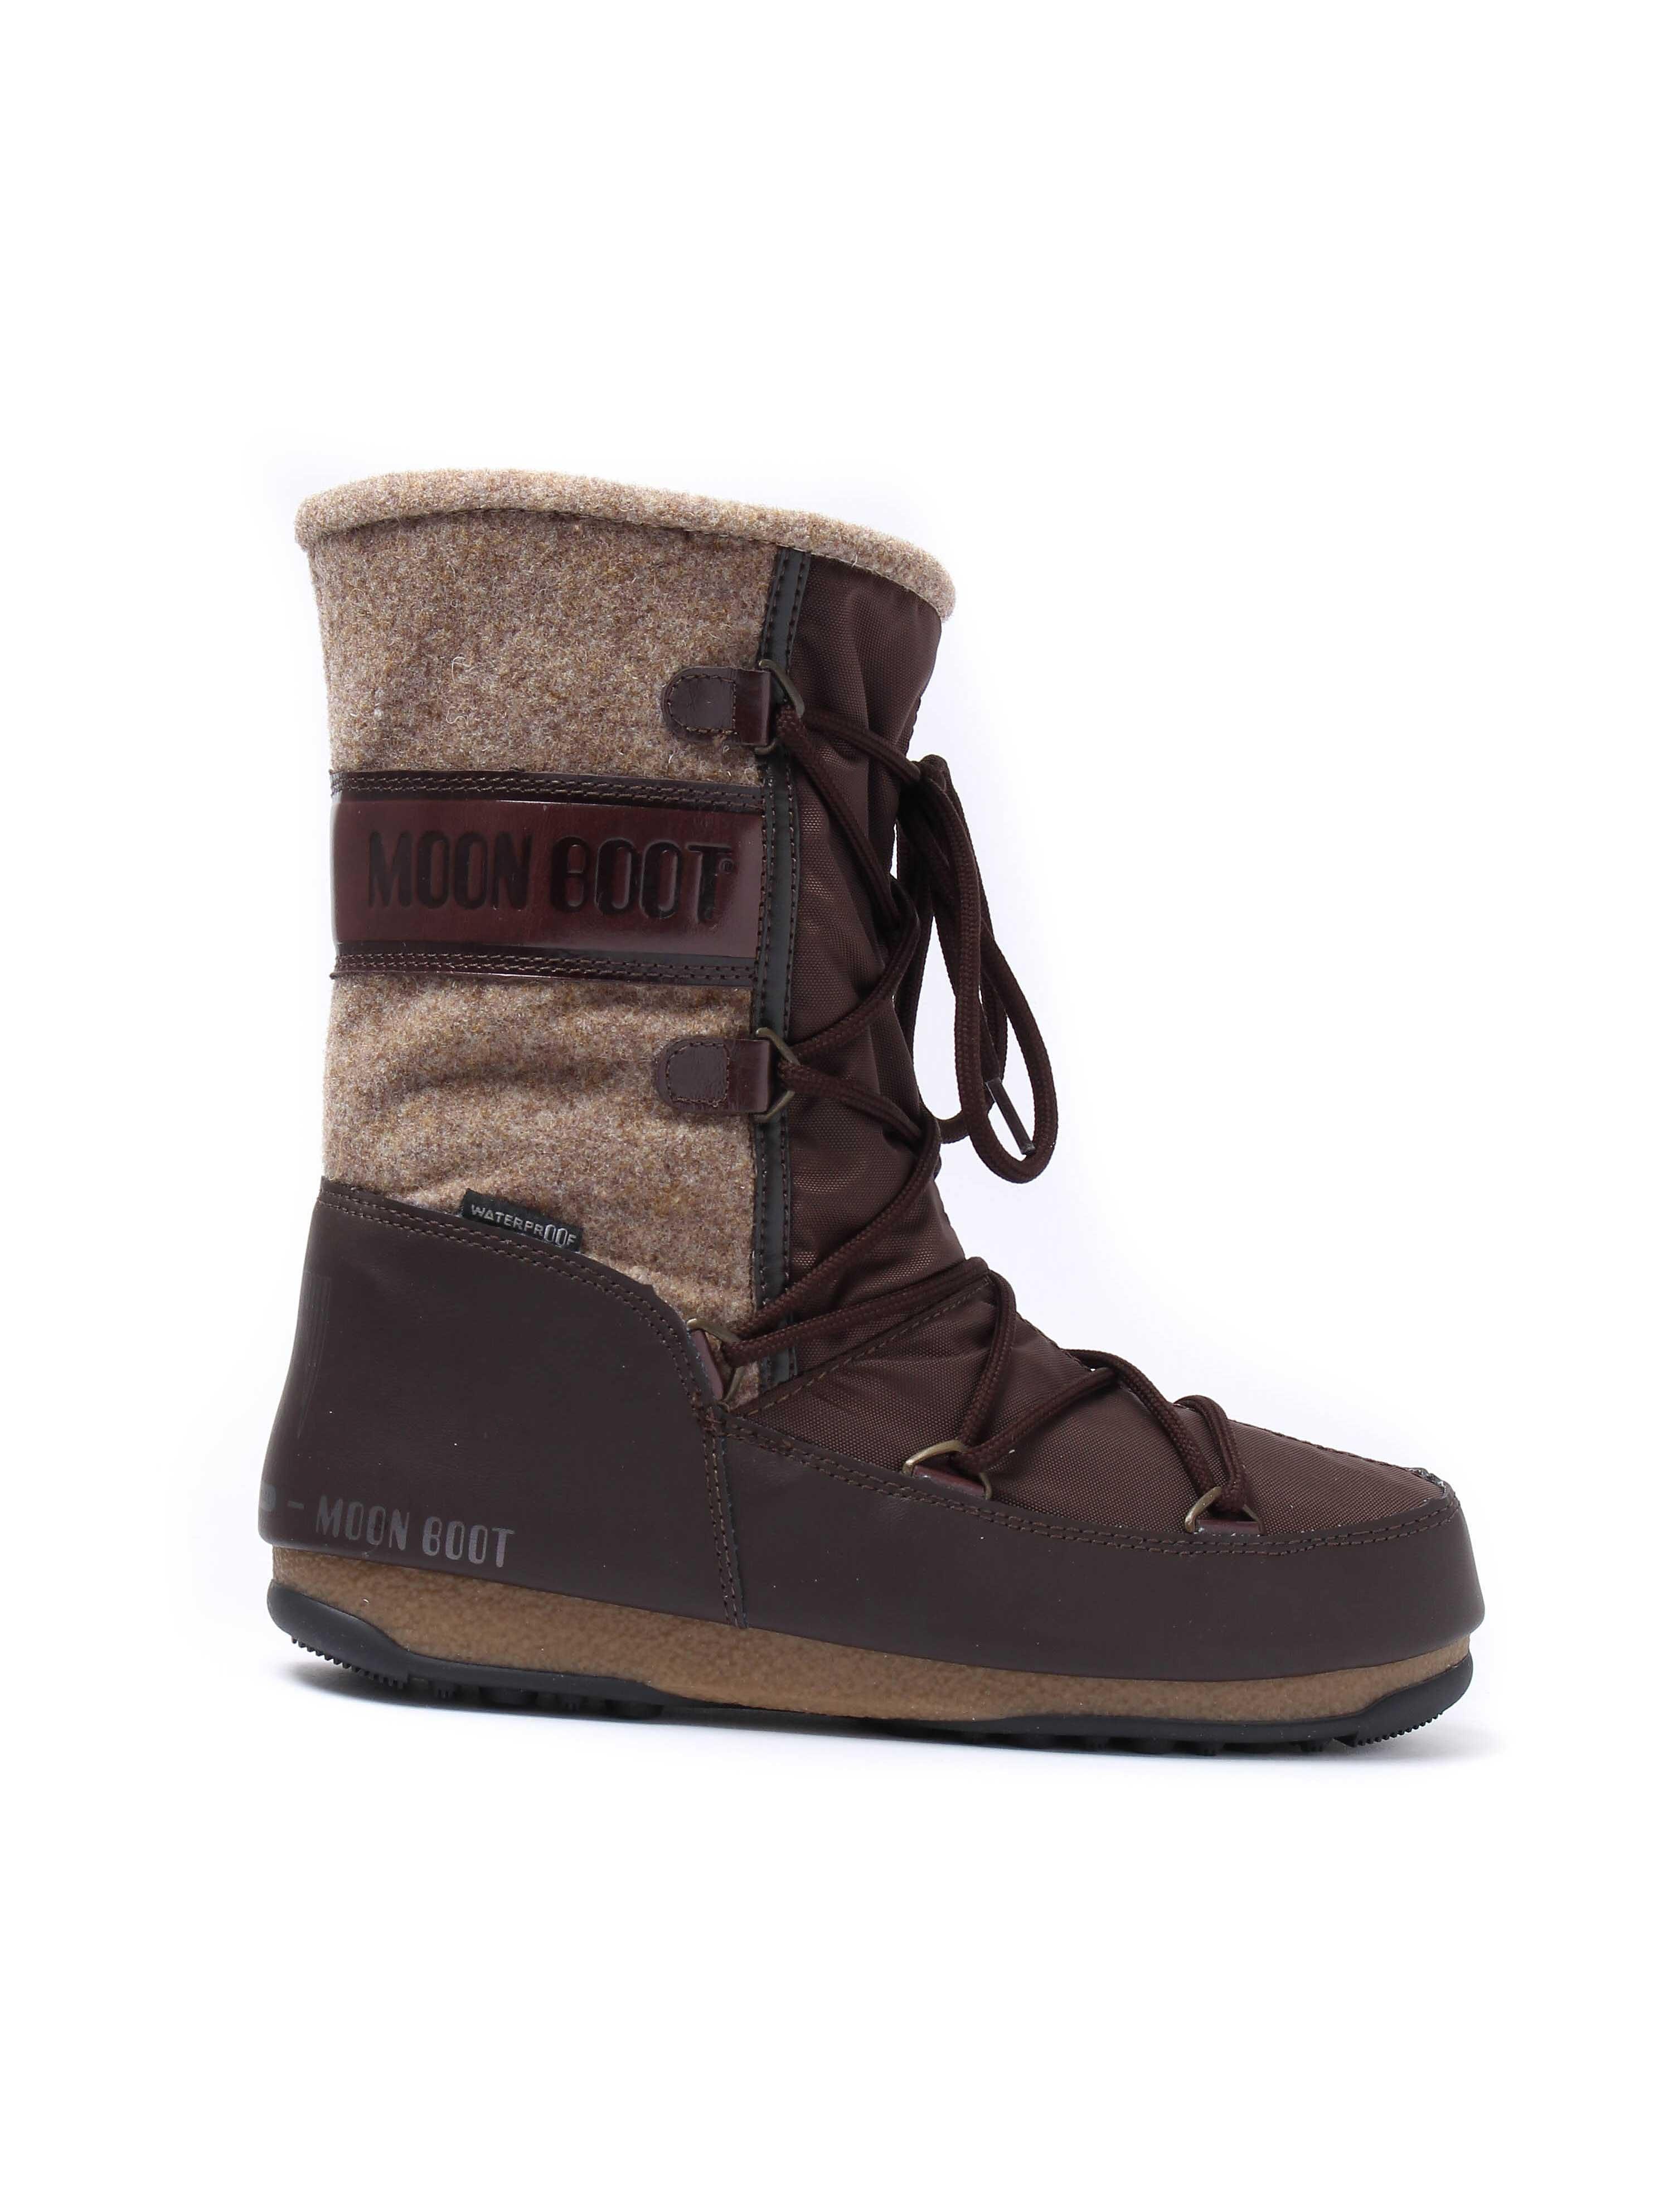 Moon Boots WE Vienna Felt Boots - Dark Brown